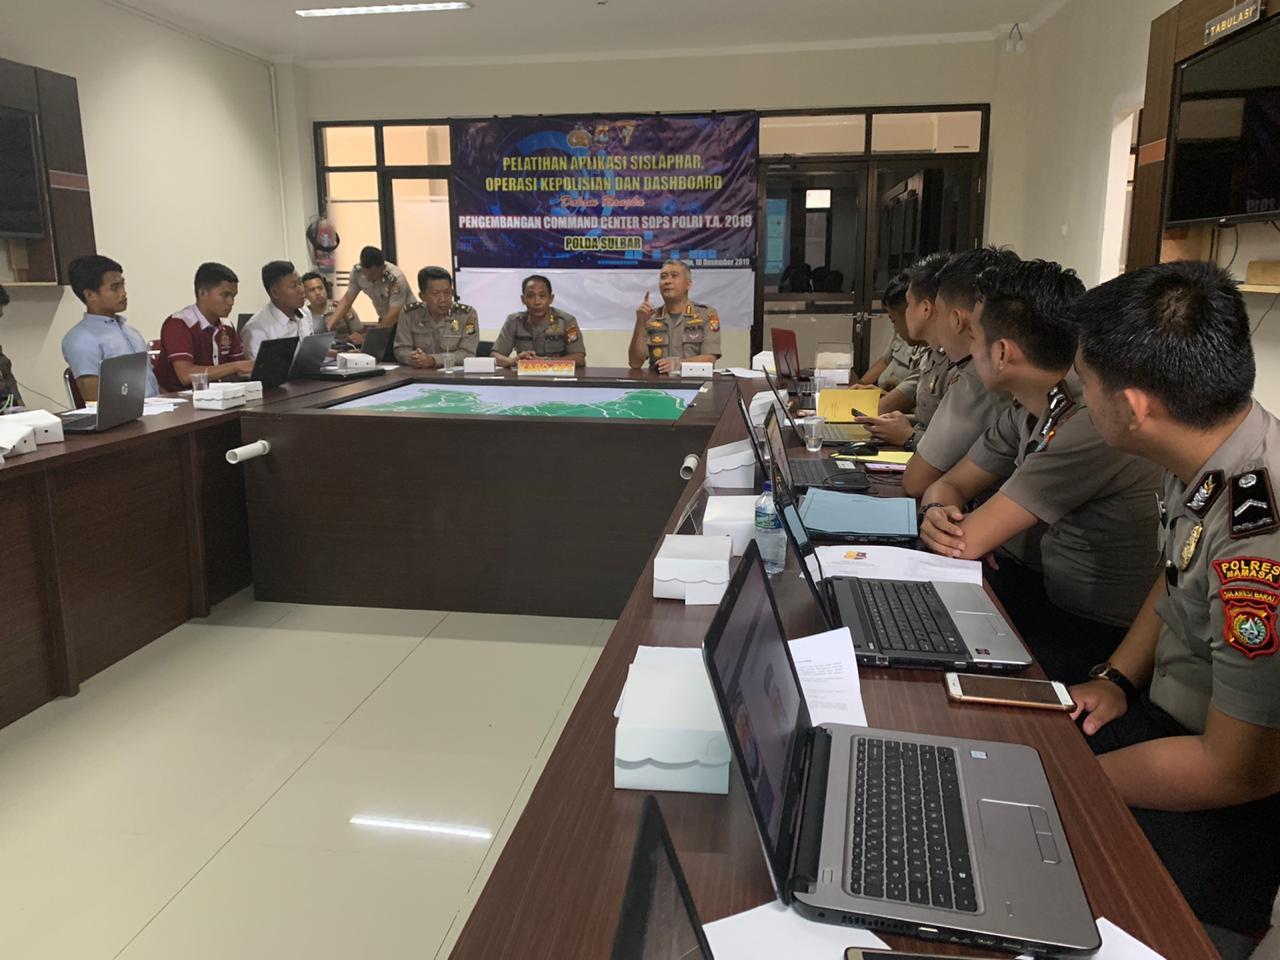 Kembangkan Command Center SOP Polri, Polda Gelar Pelatihan